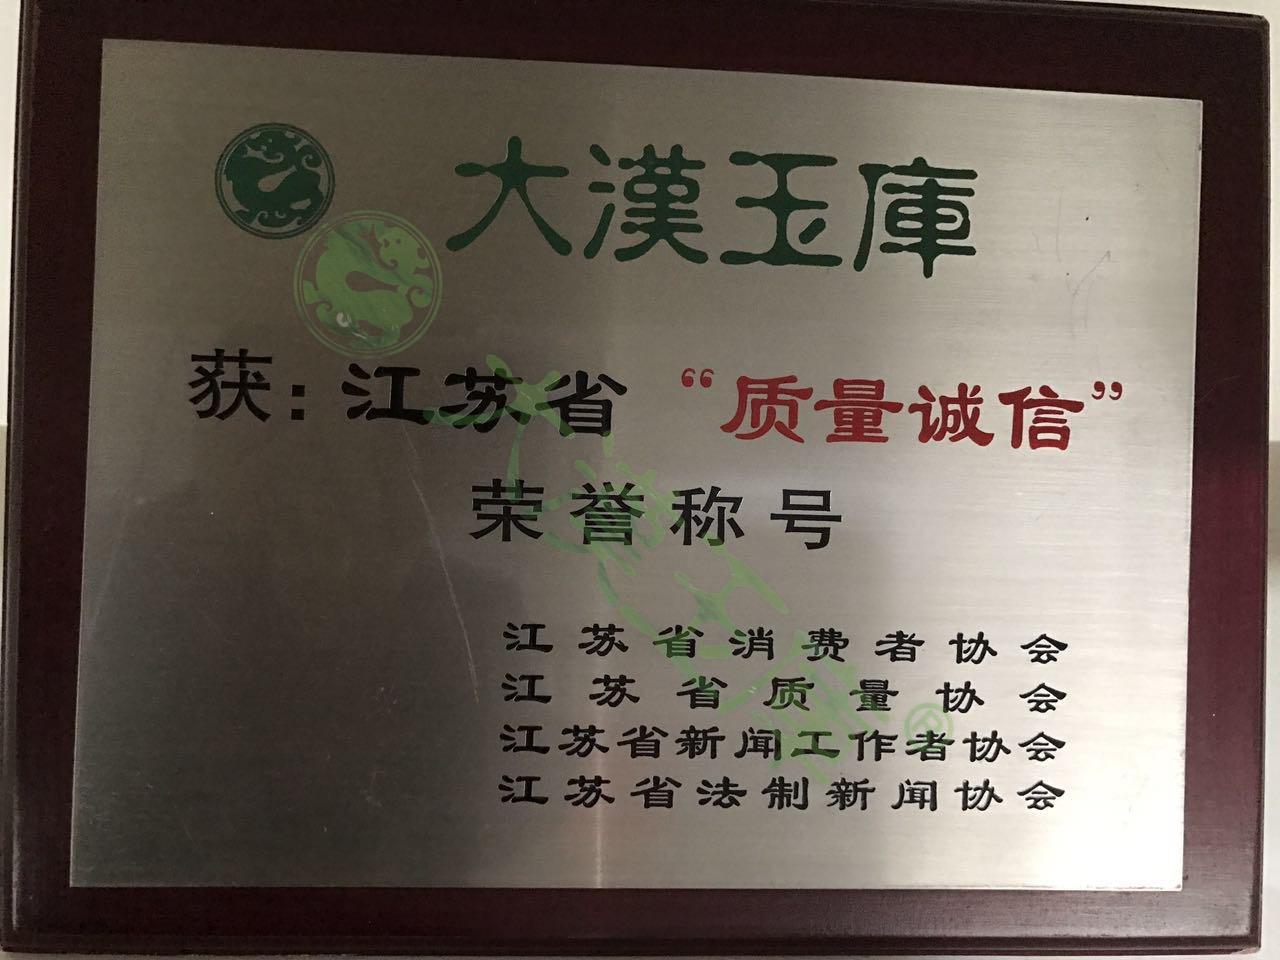 江苏省质量诚信_Watermarked_1